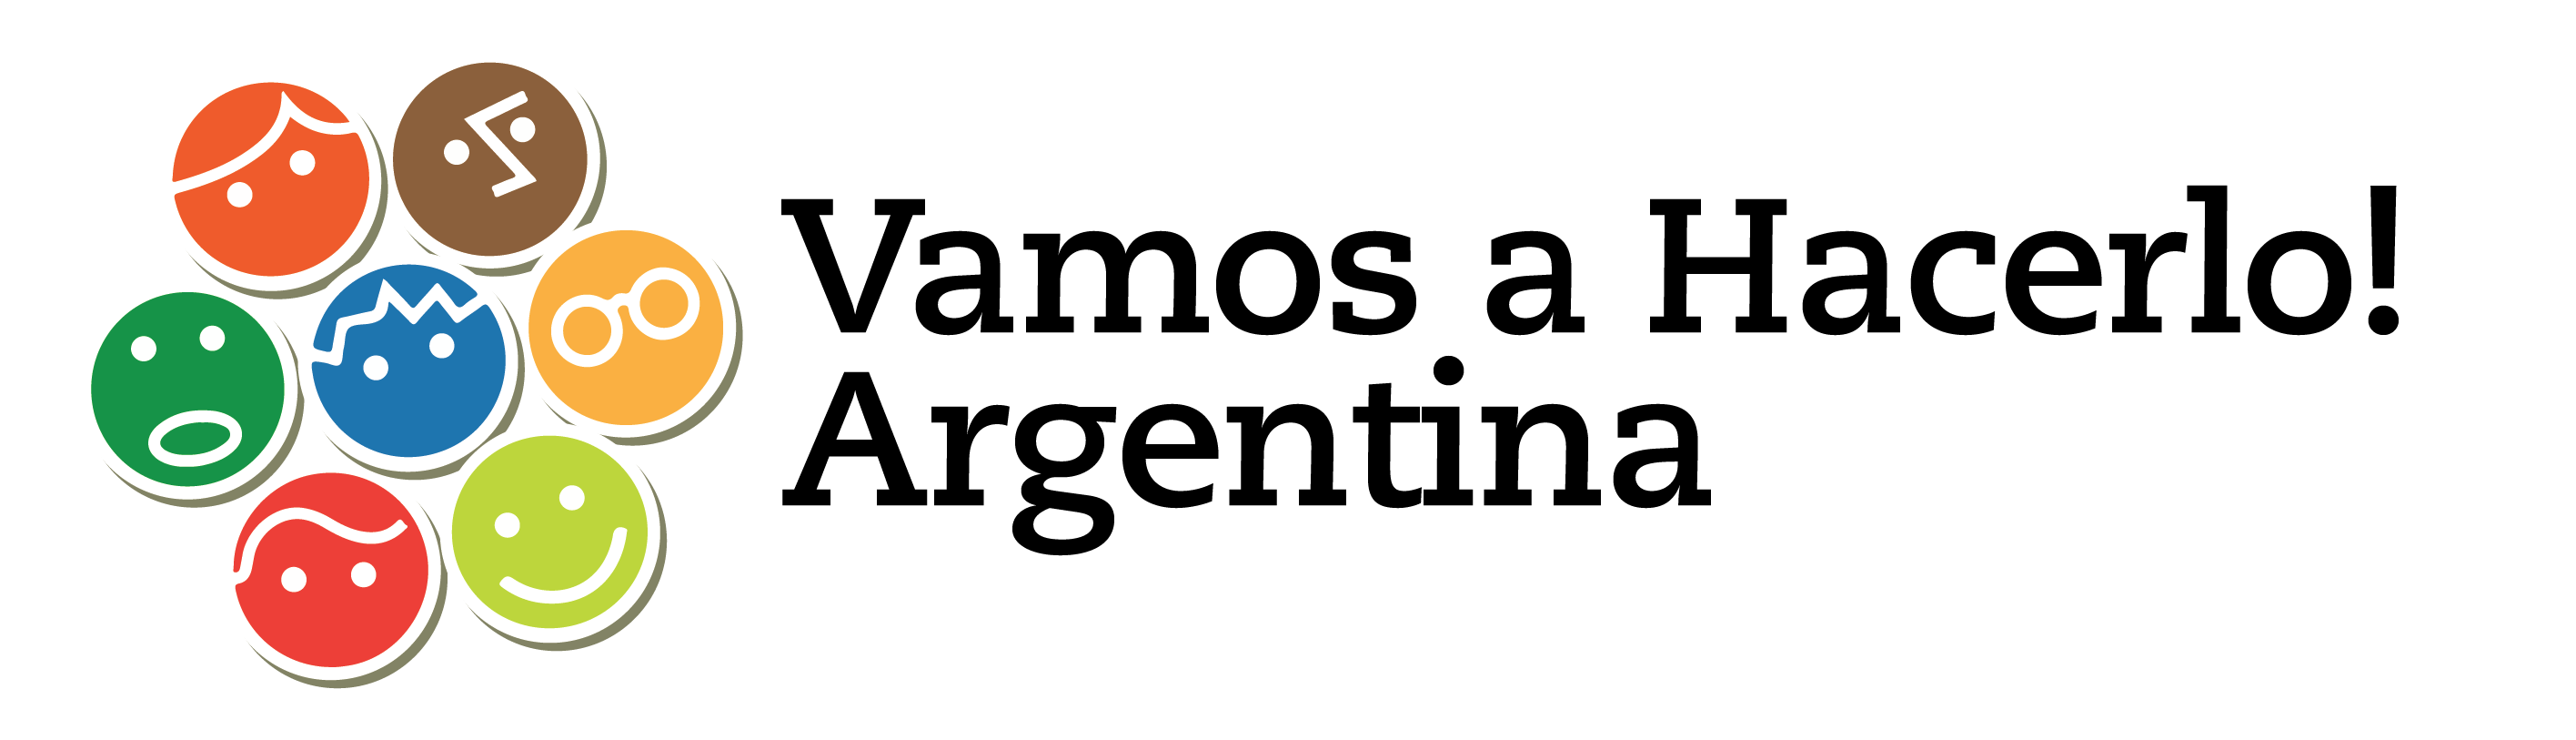 cropped-logoVAH-01-1.png